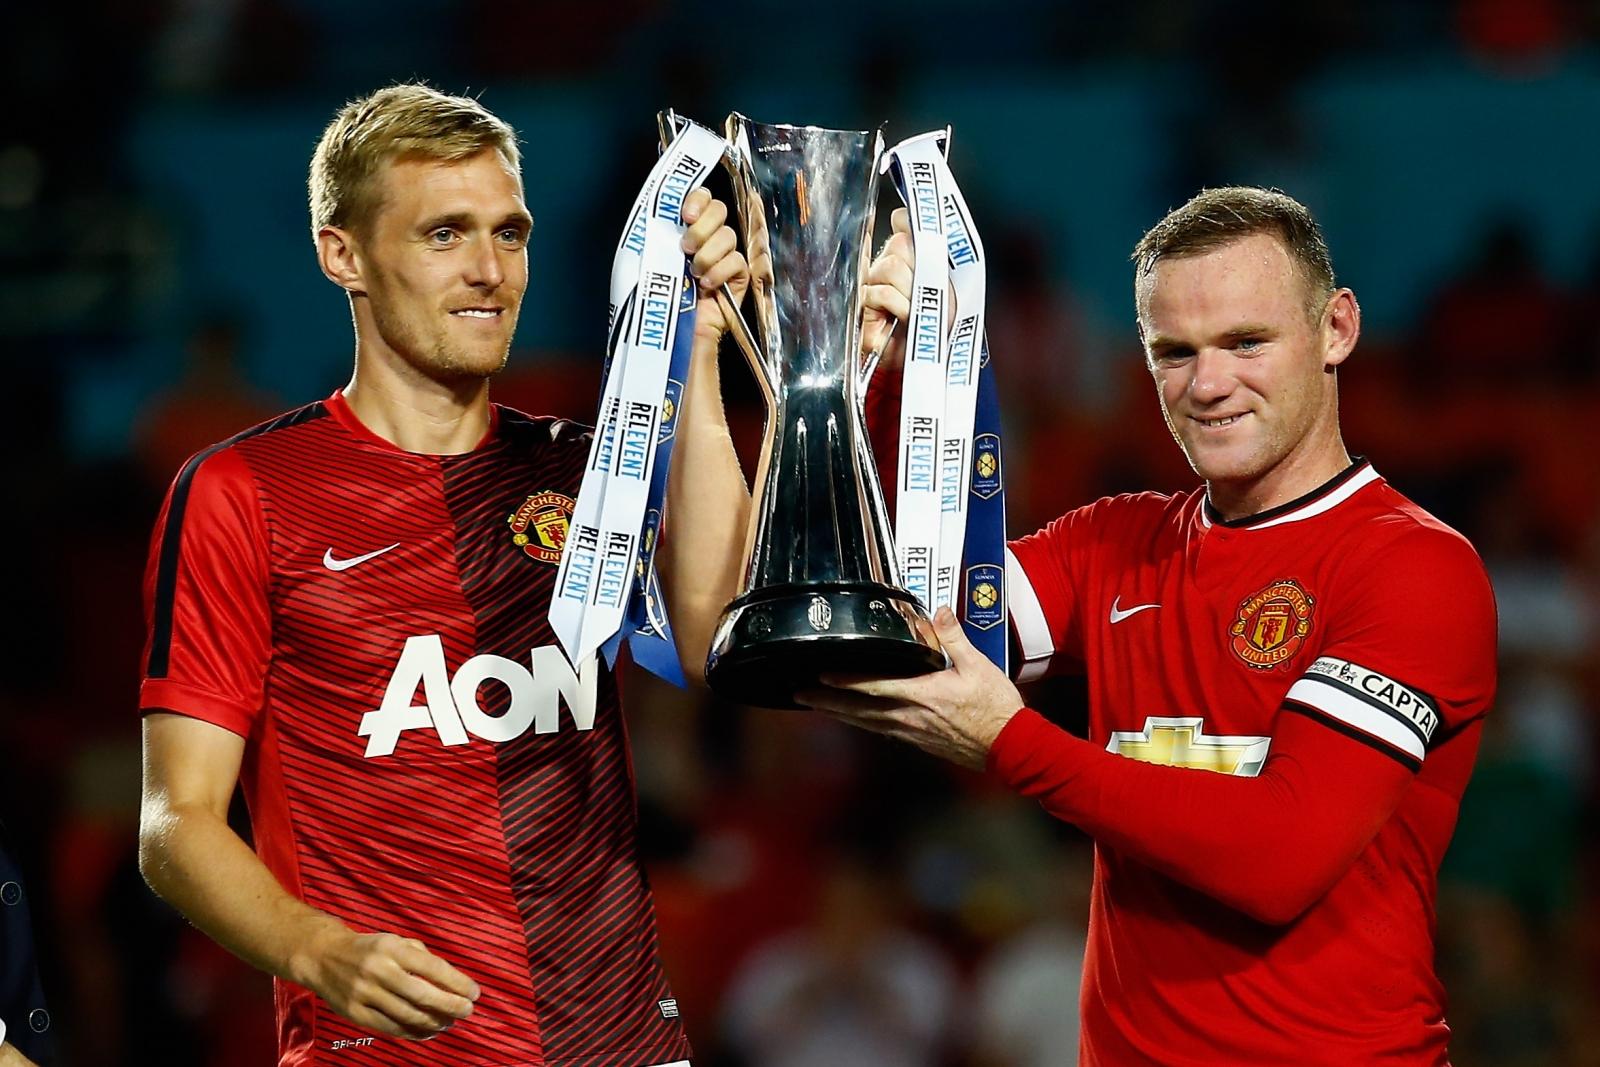 Darren Fletcher and Wayne Rooney